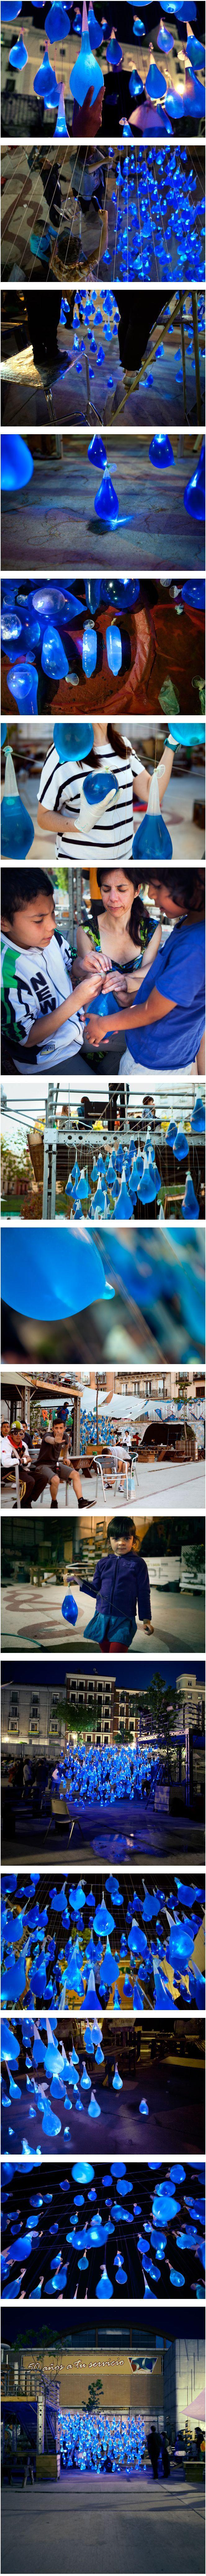 Voici la dernière installation lumineuse de Luzinterruptus collectif artistique et protestataire madrilène